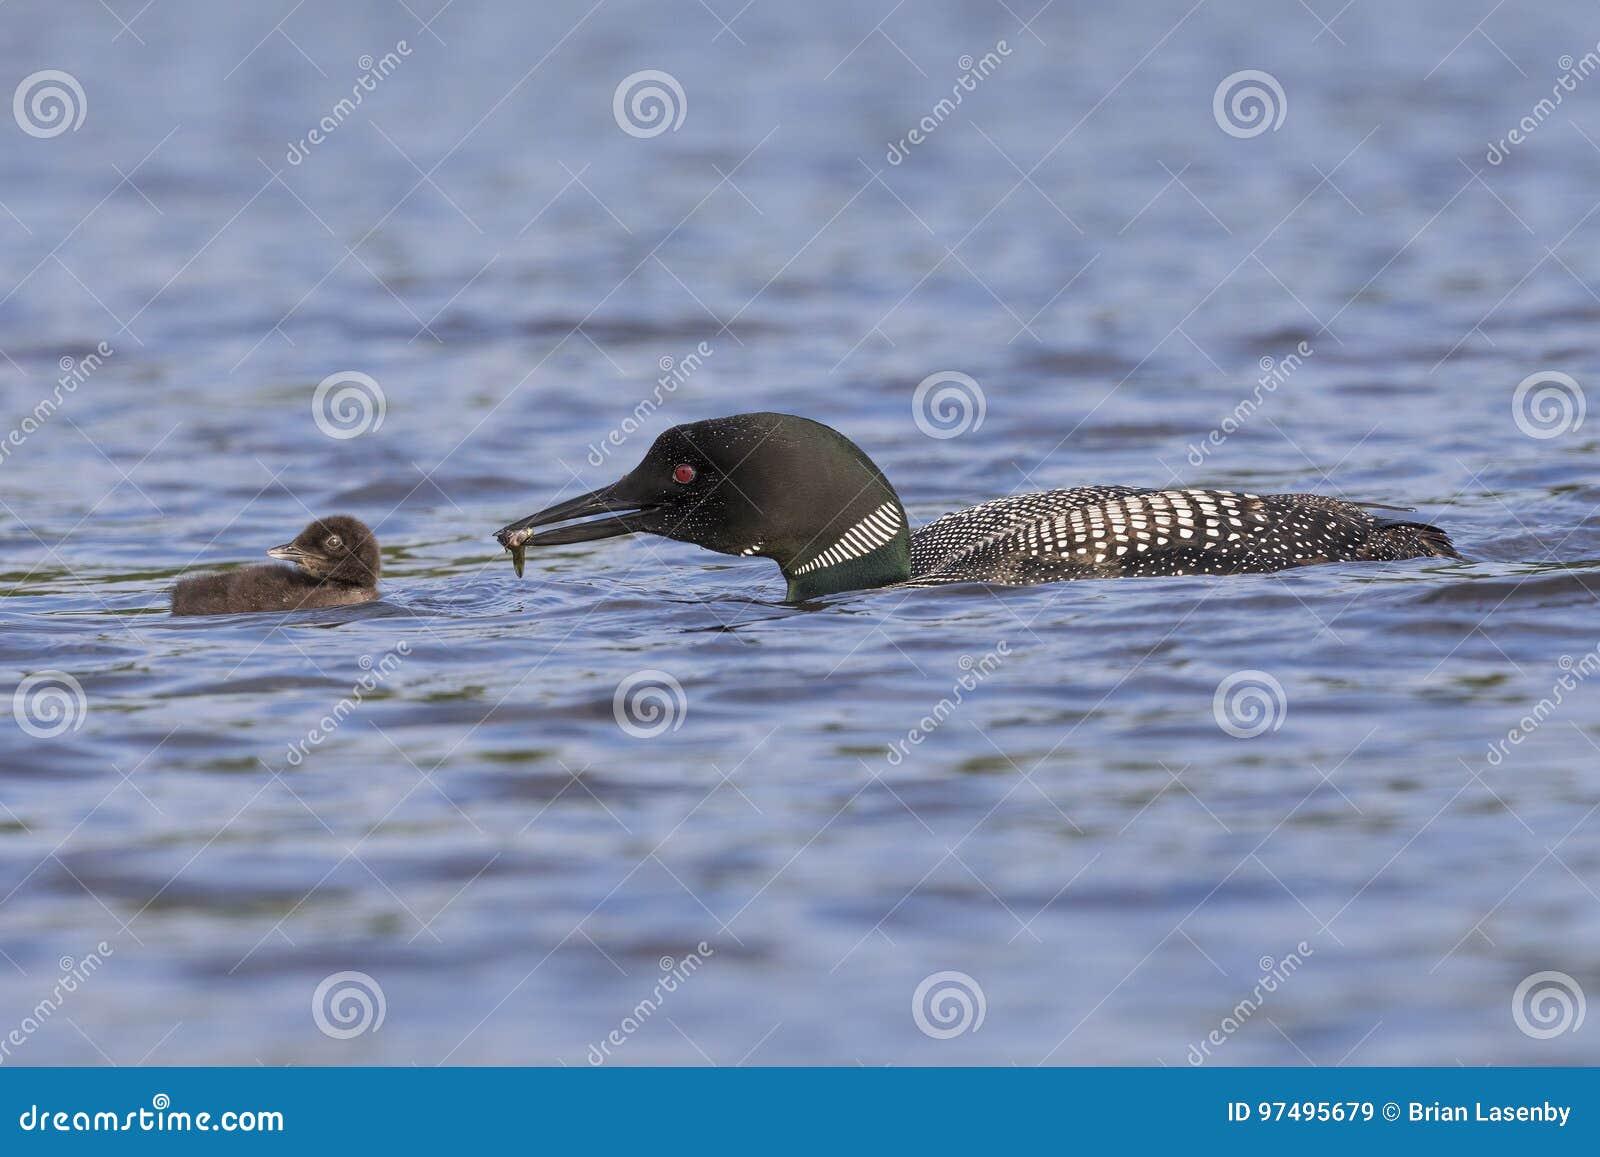 Un lunatico comune porta un pesce fresco al suo pulcino - Ontar